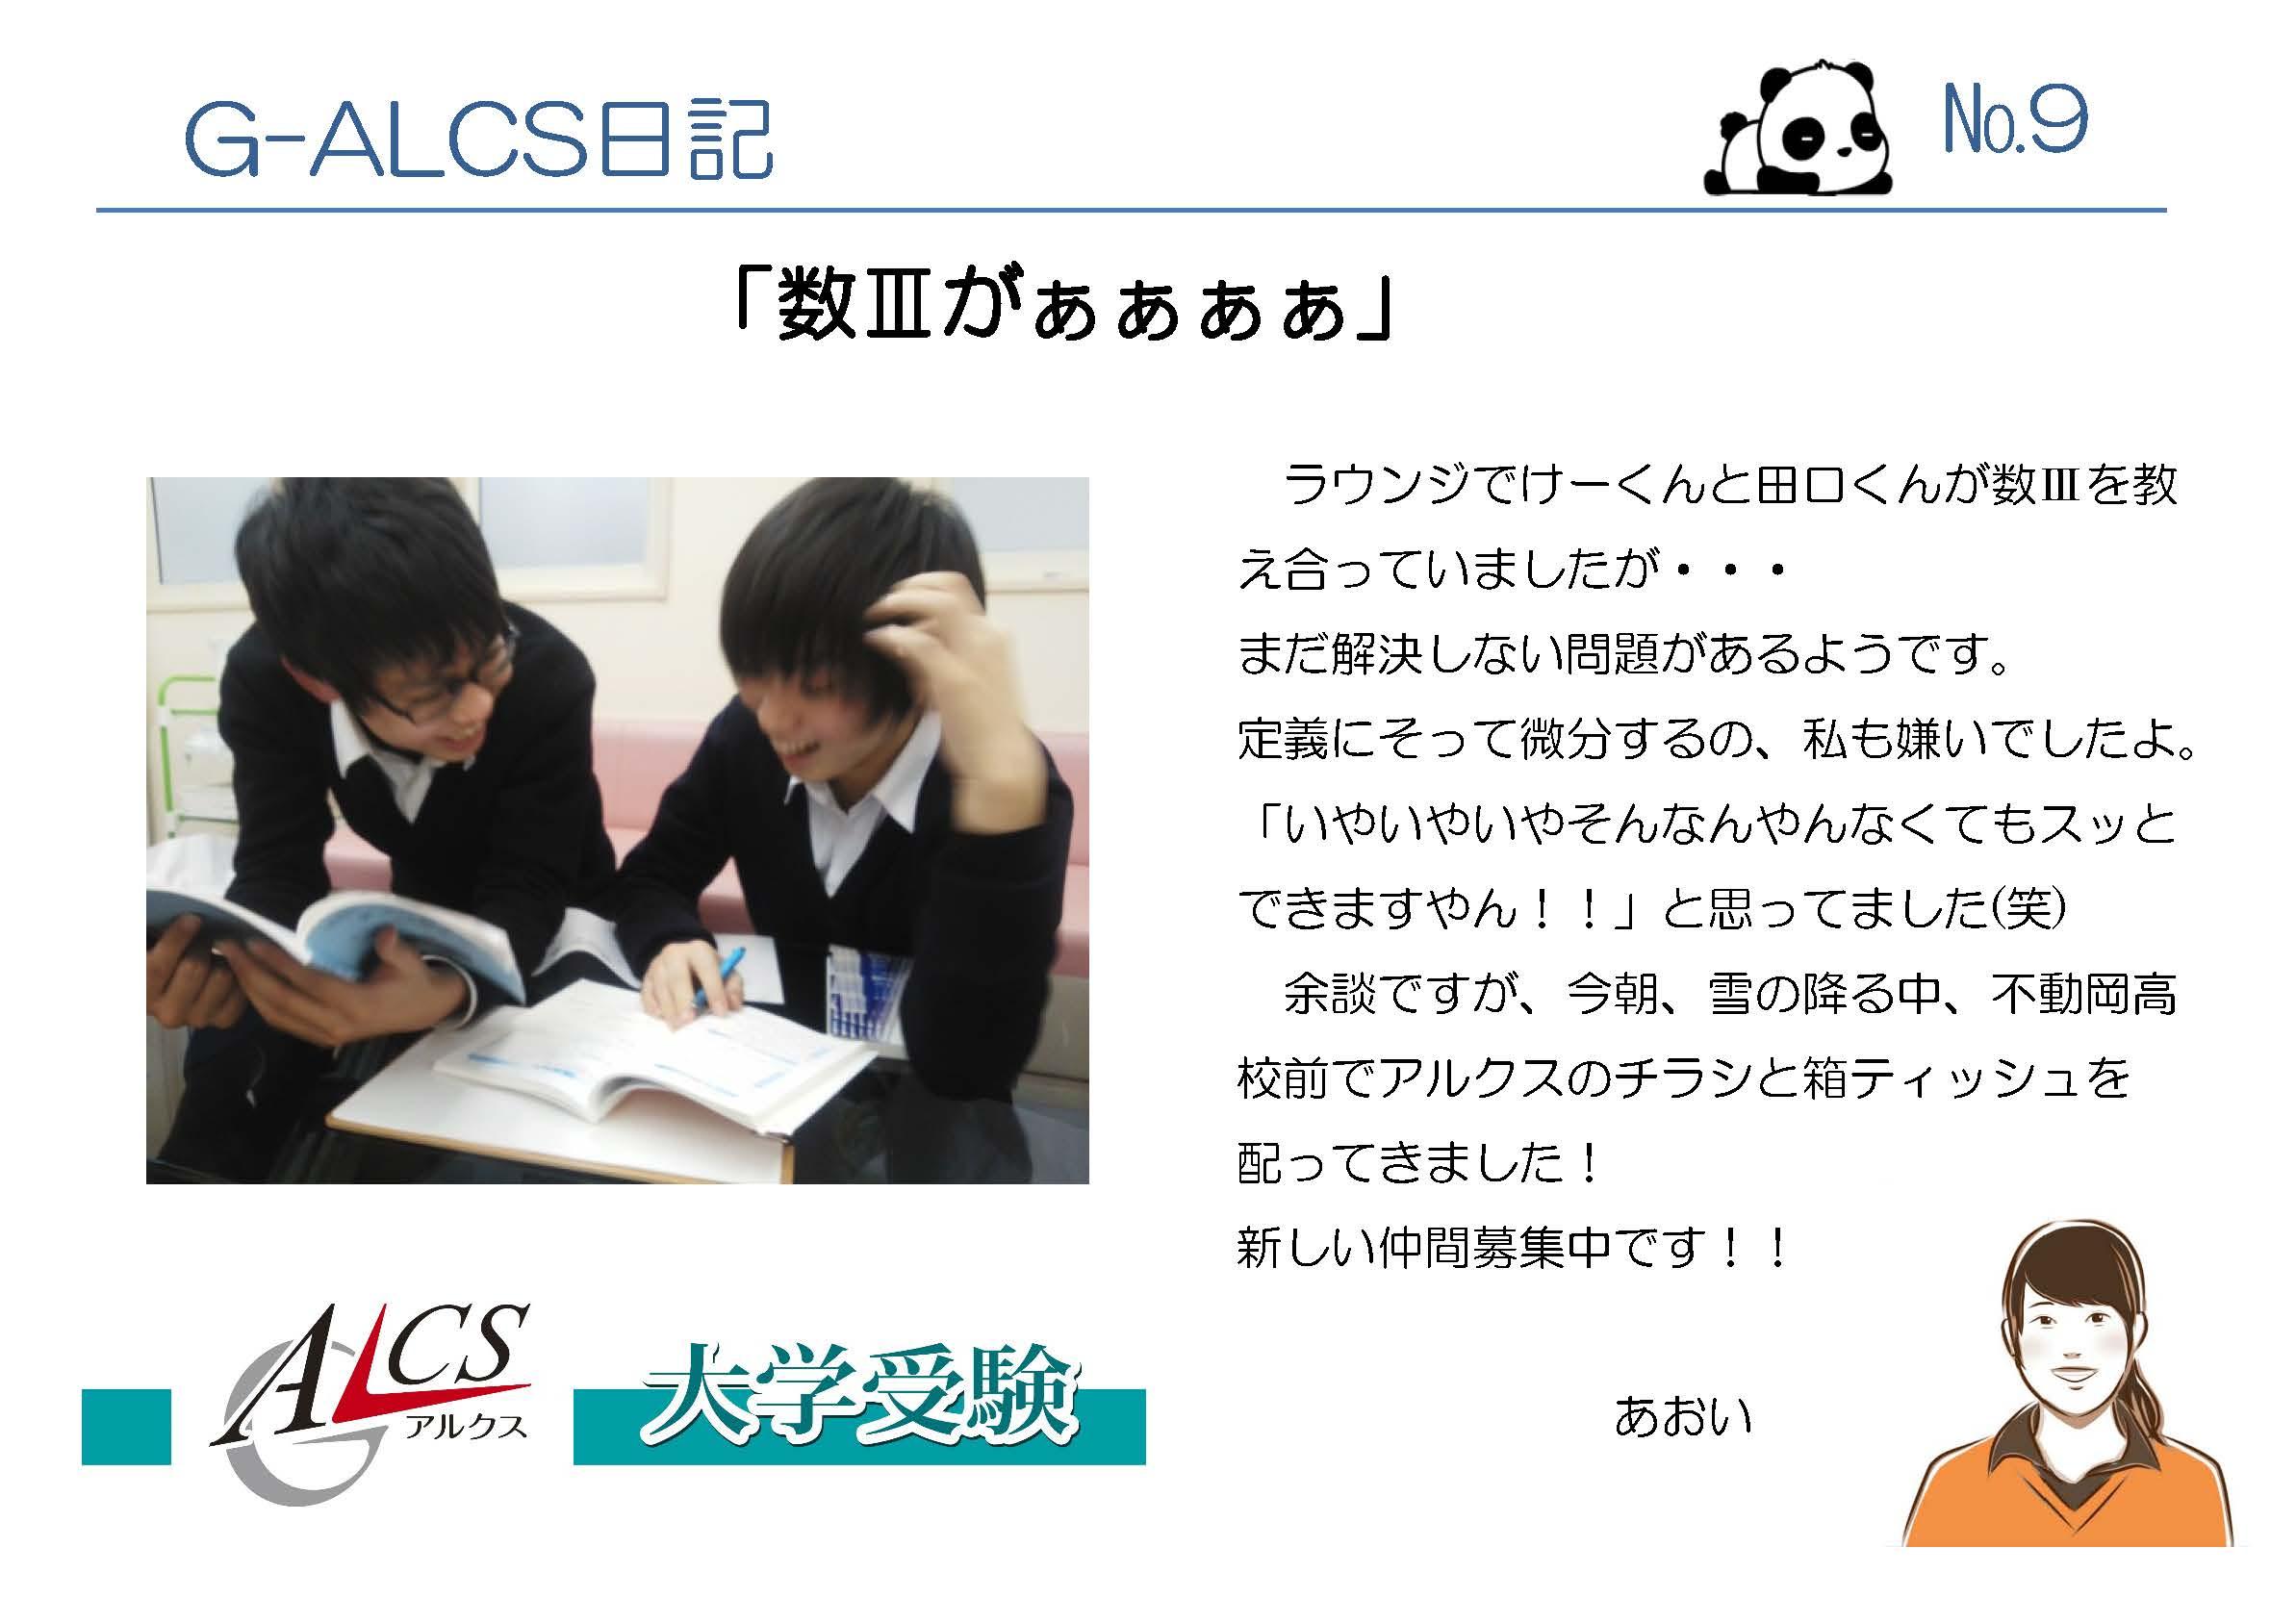 G-ALCSブログ 1代目_ページ_09